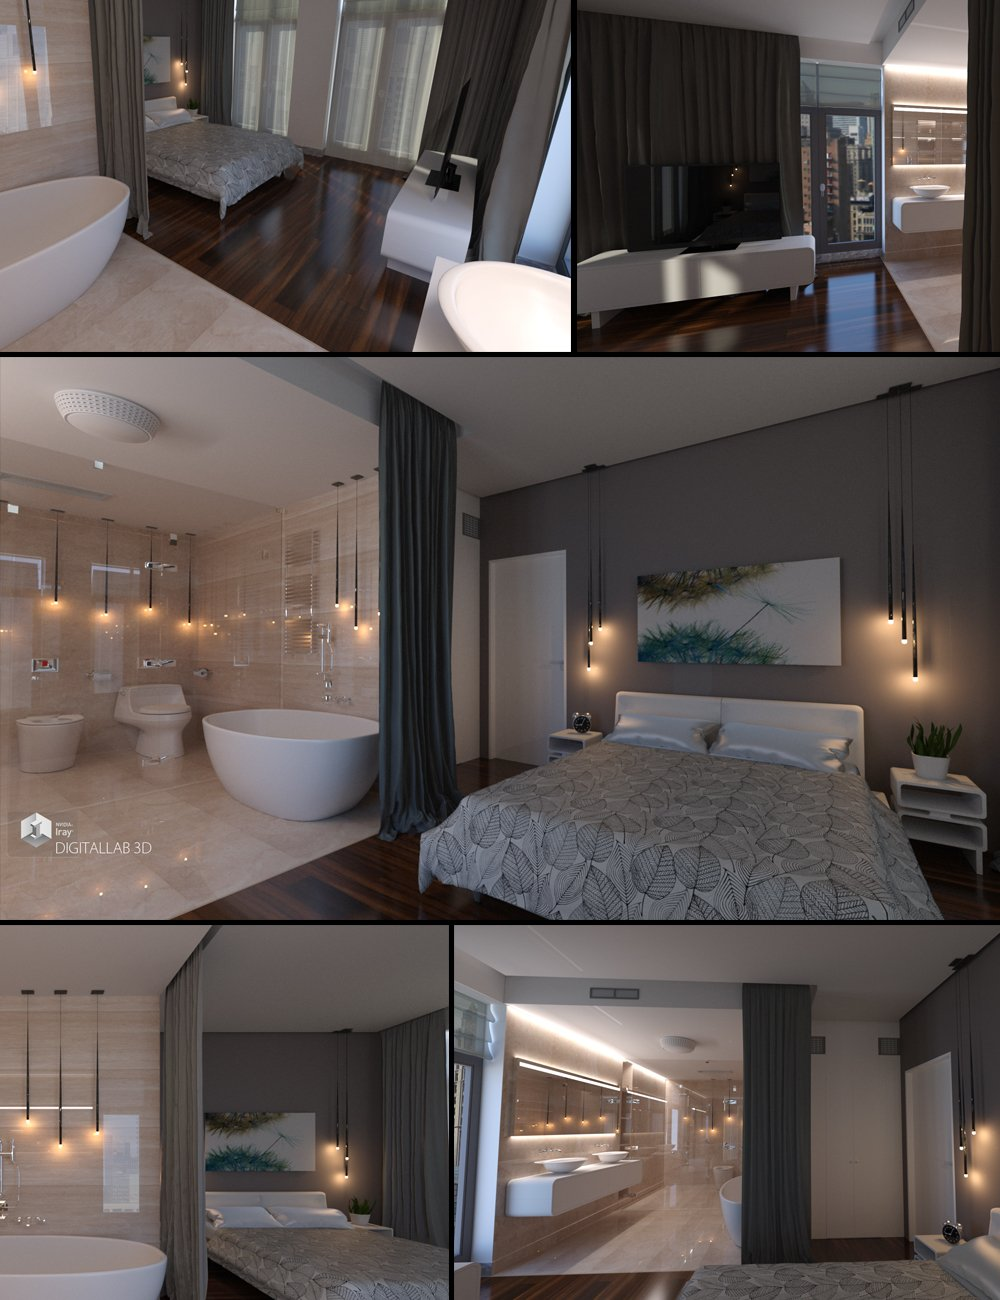 Designer Bedroom by: Digitallab3D, 3D Models by Daz 3D